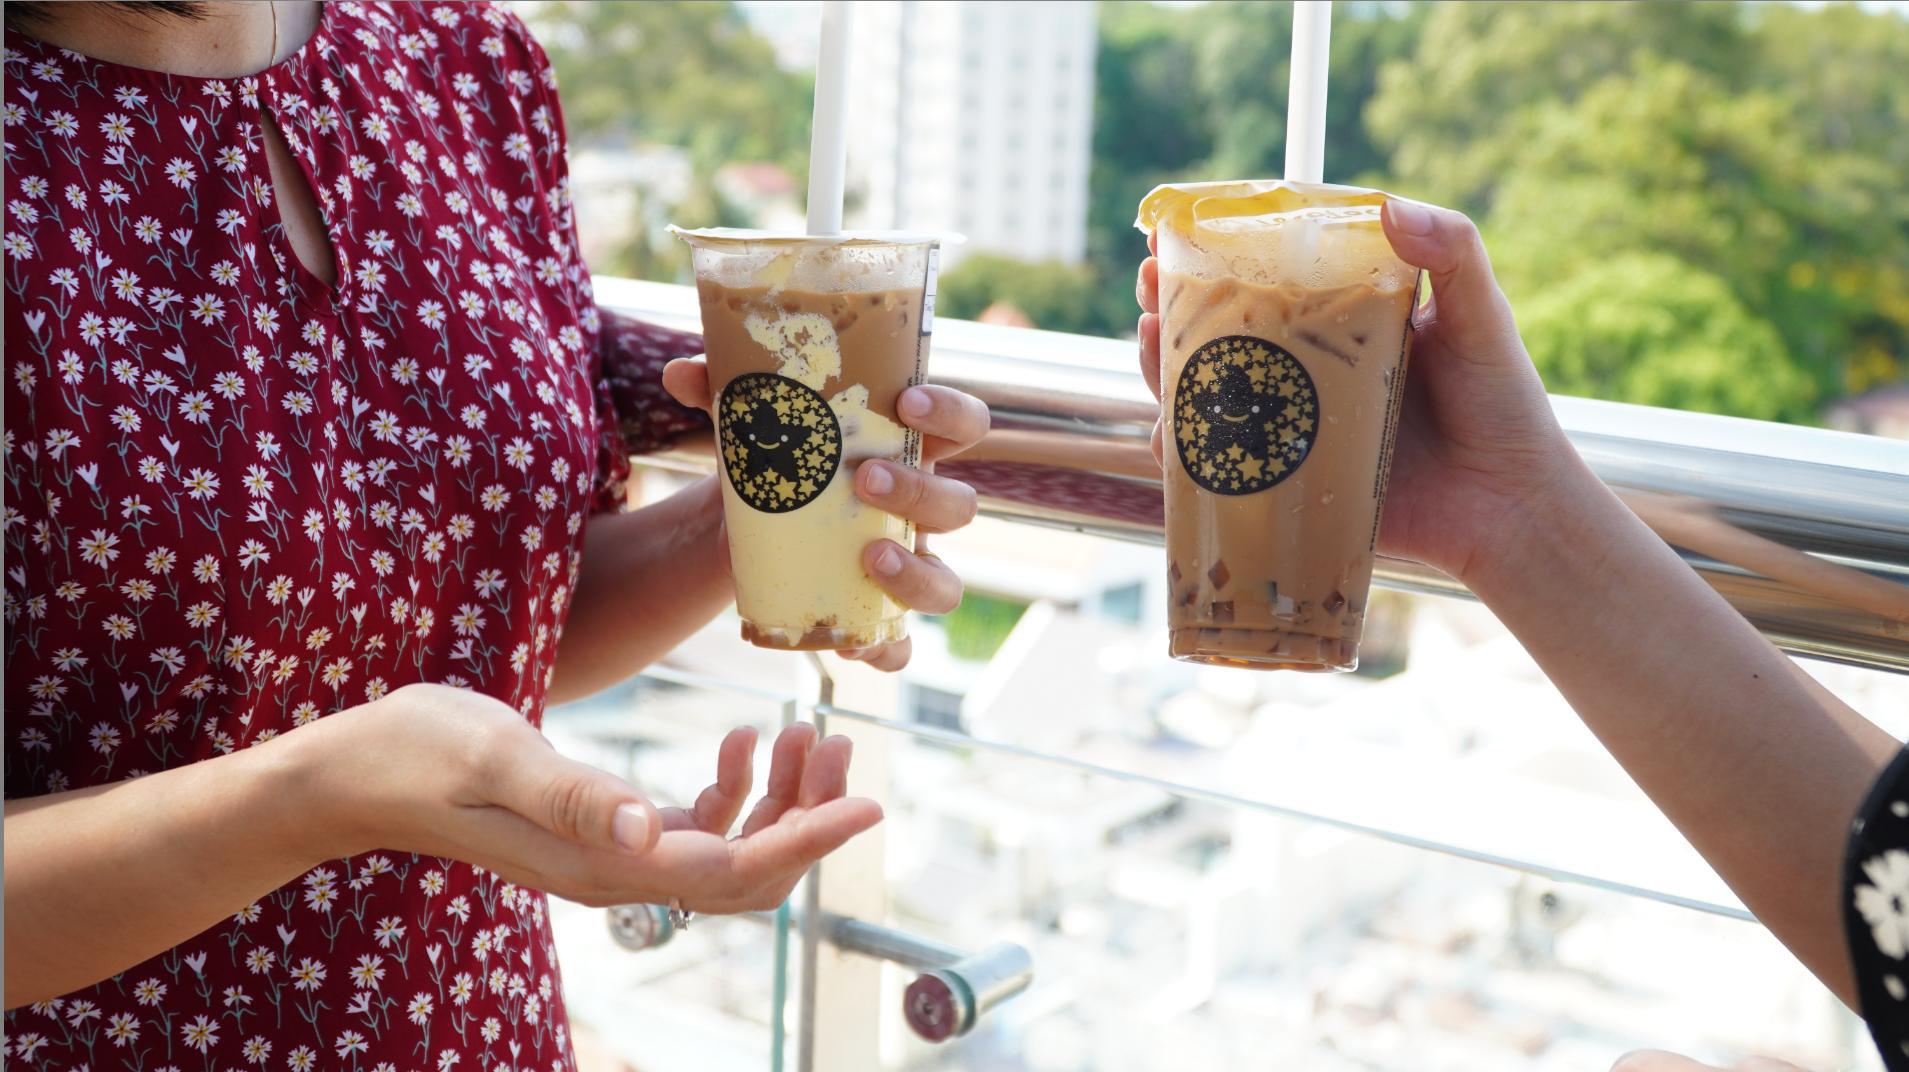 Ngày vui hơn khi cà phê có topping - Ảnh 1.